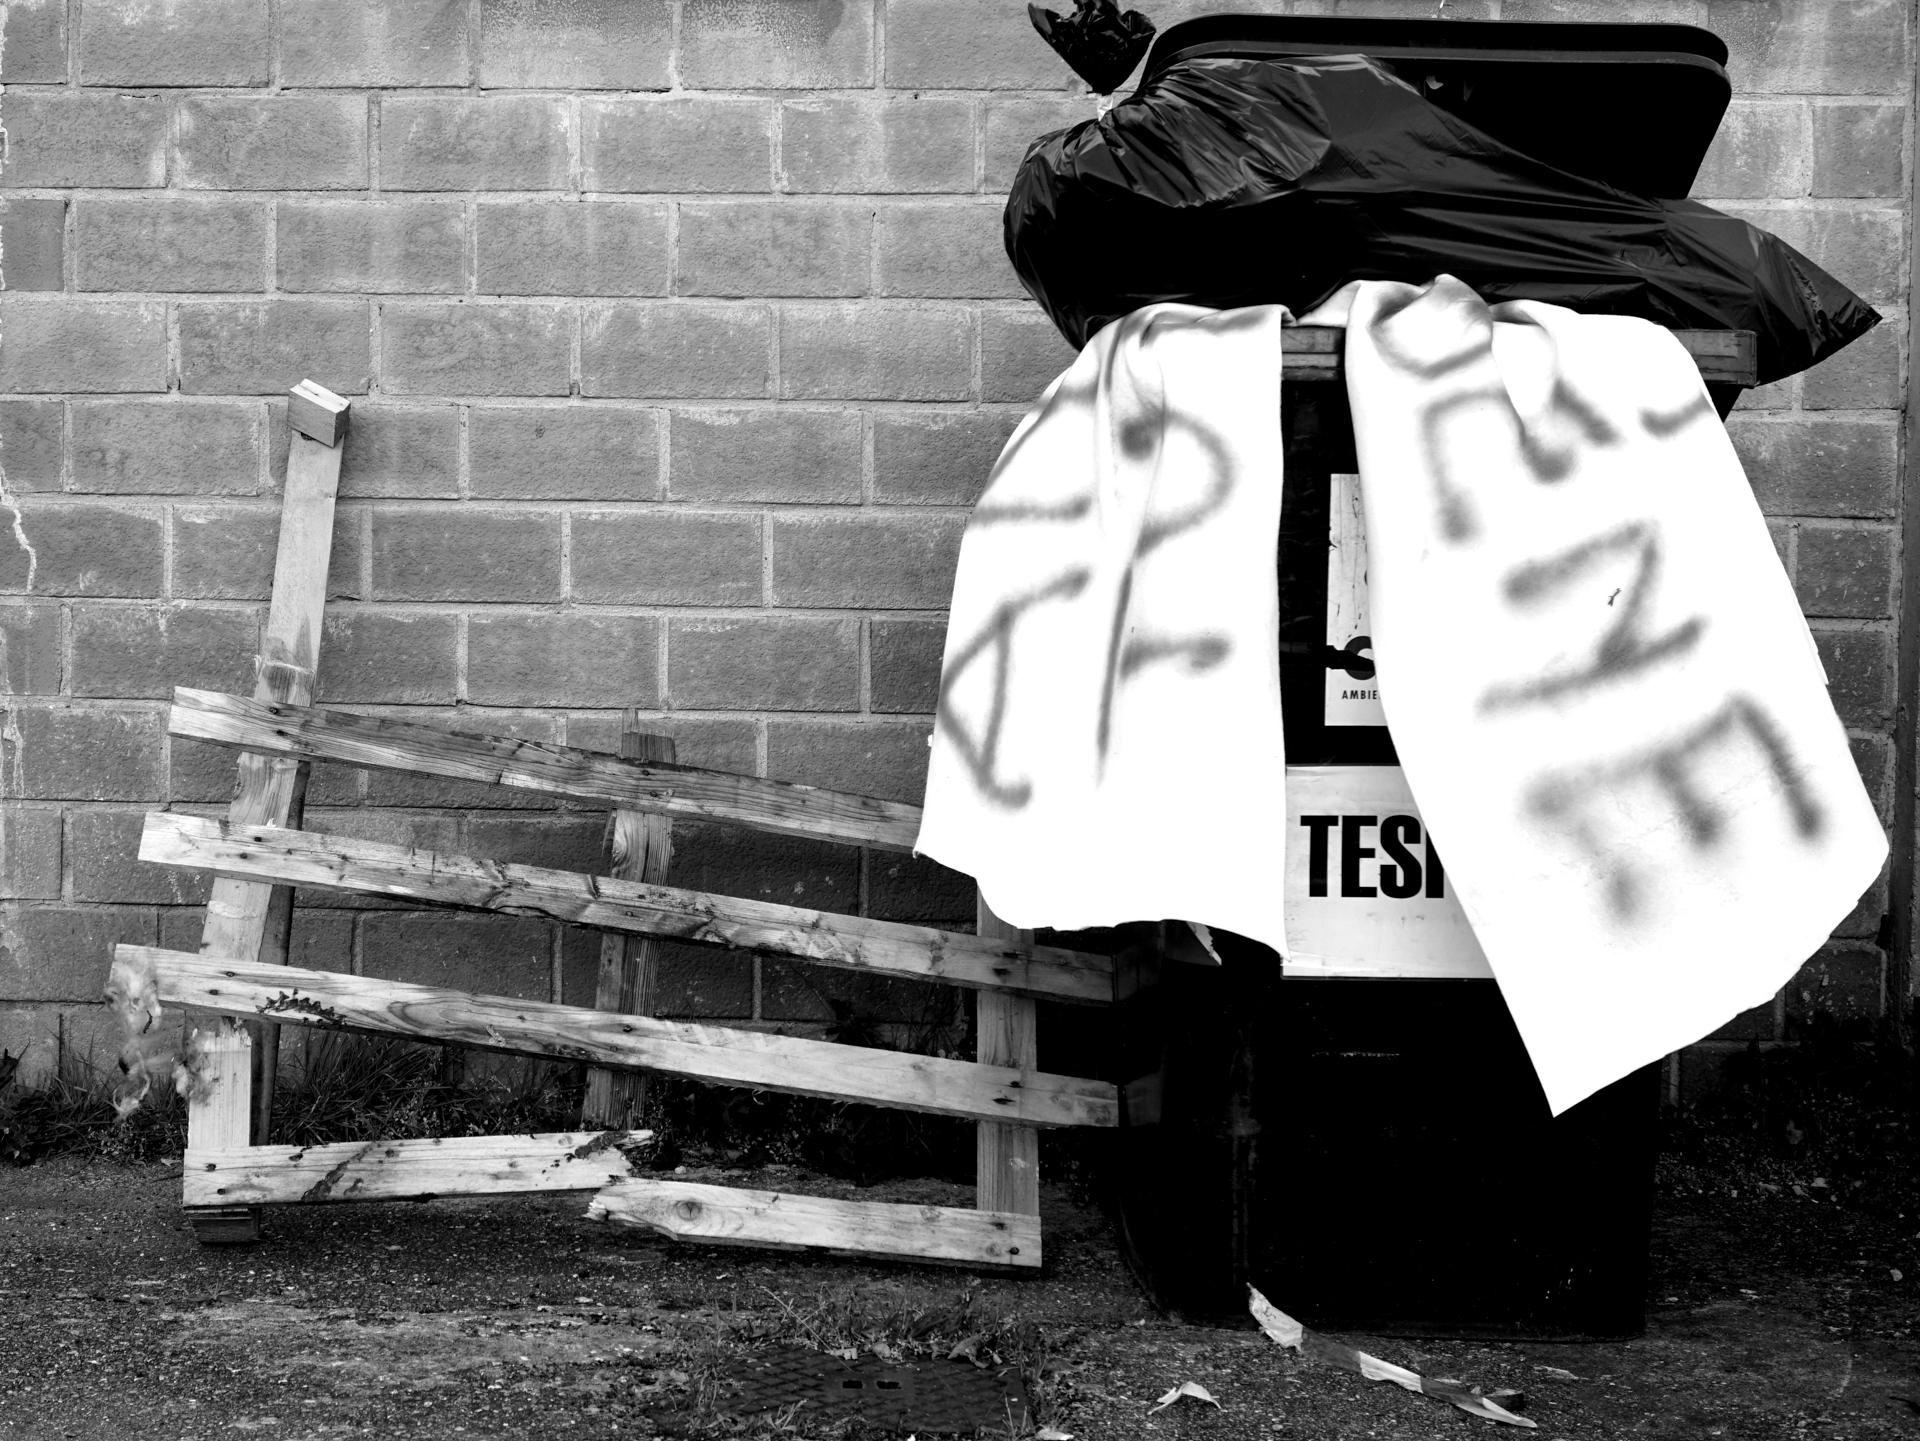 Foto n° 14 SESTA– CENTRO SPERIMENTALECINZIA BARBIERI  Molte delle fotografie che vediamo stasera sono fatte apposta per la tematica da osservare. Questa in particolare e, nella sua semplicità, esprime molto, due periodi ben distinti del nostro vivere il